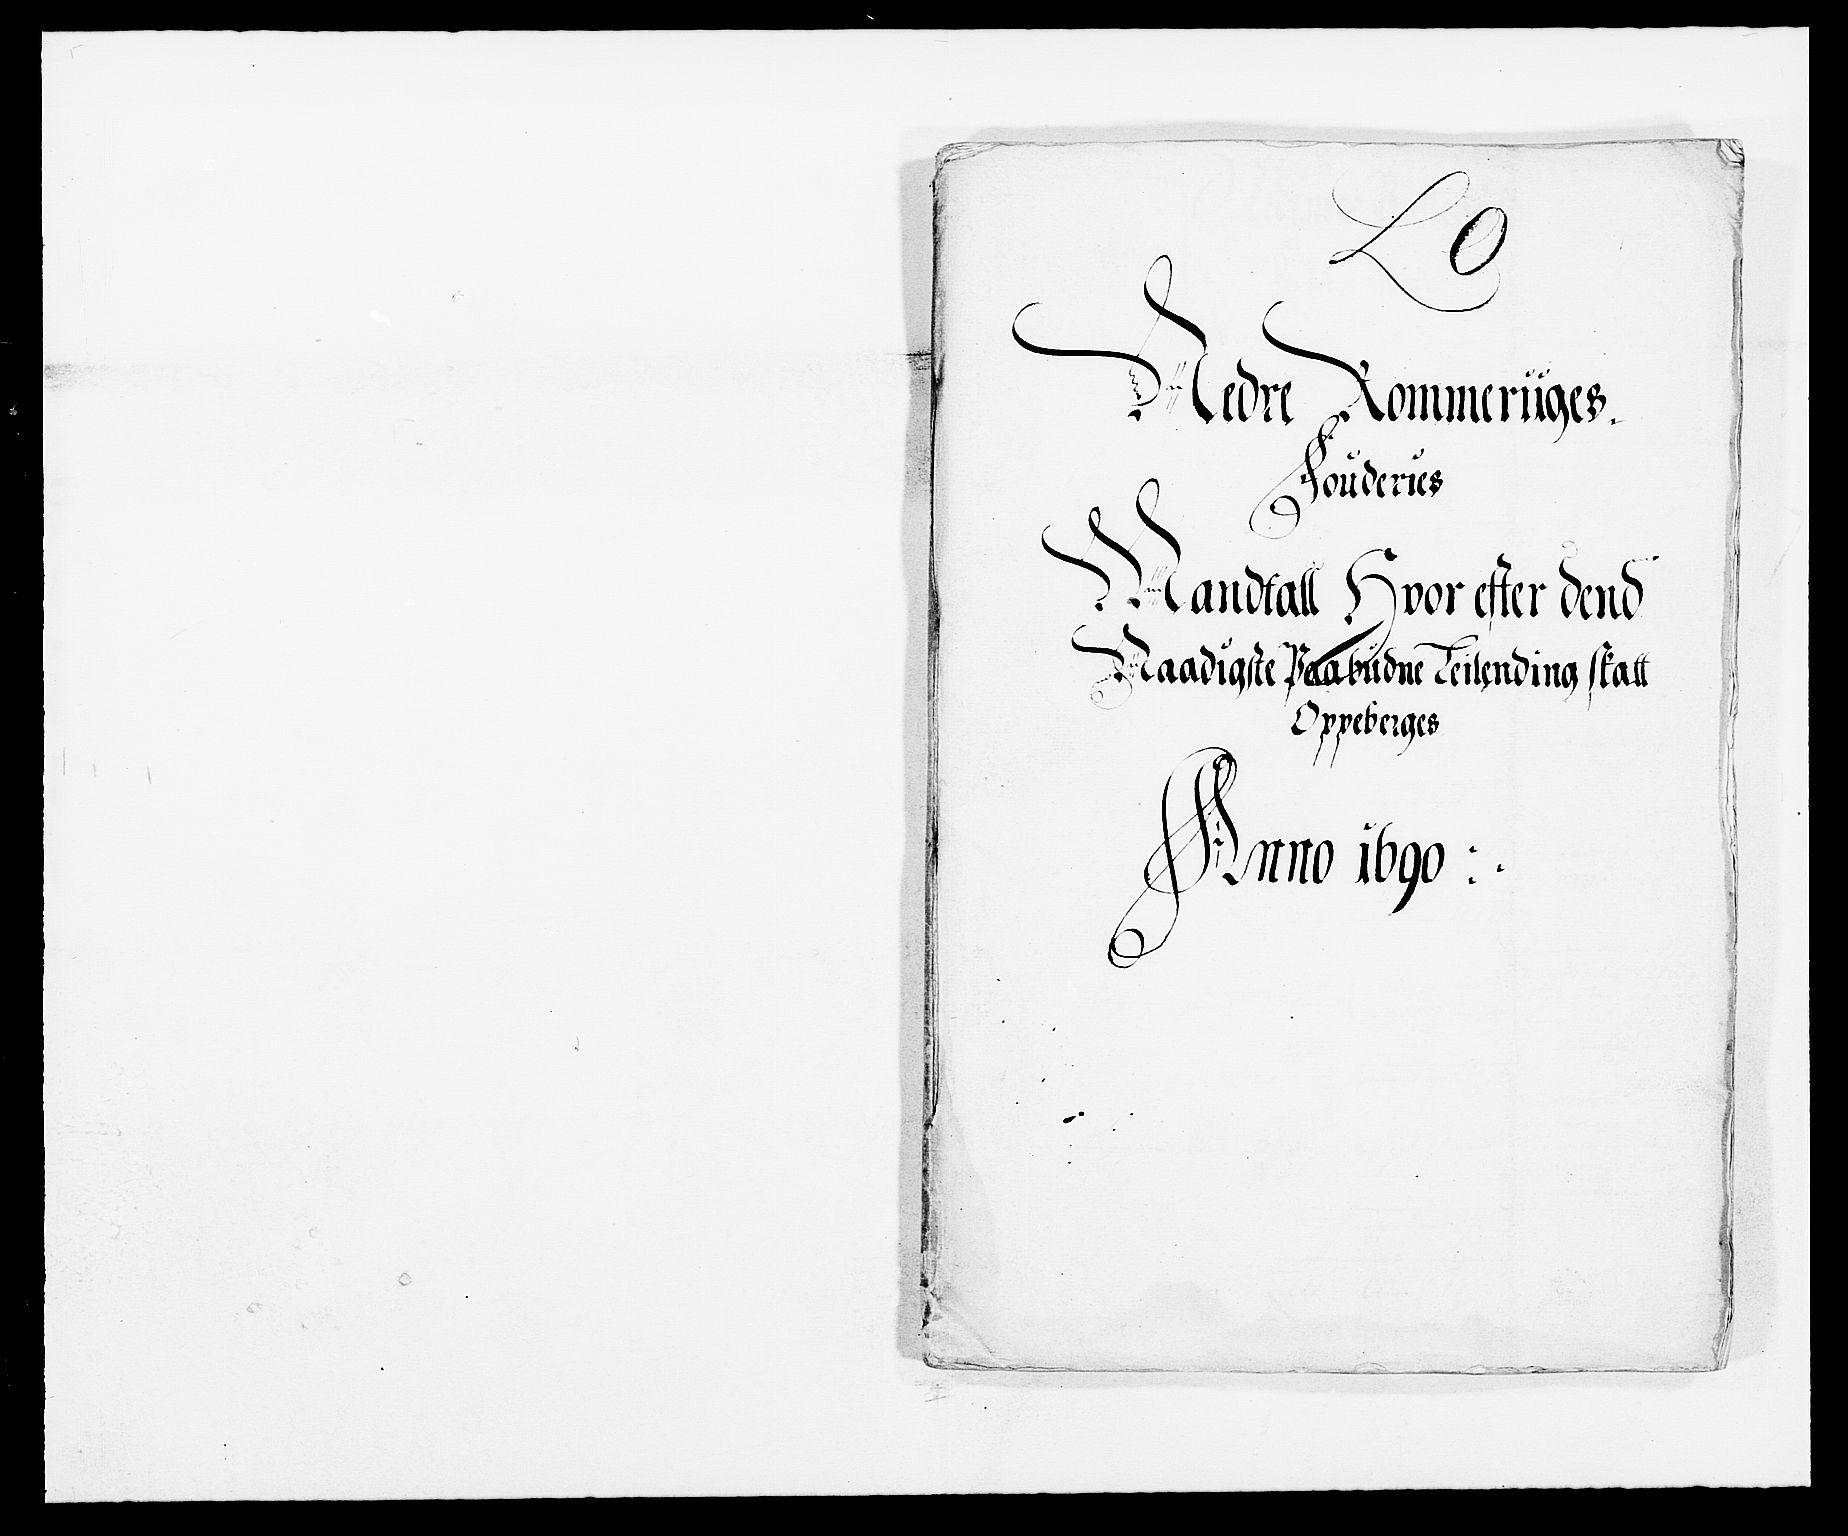 RA, Rentekammeret inntil 1814, Reviderte regnskaper, Fogderegnskap, R11/L0574: Fogderegnskap Nedre Romerike, 1689-1690, s. 260